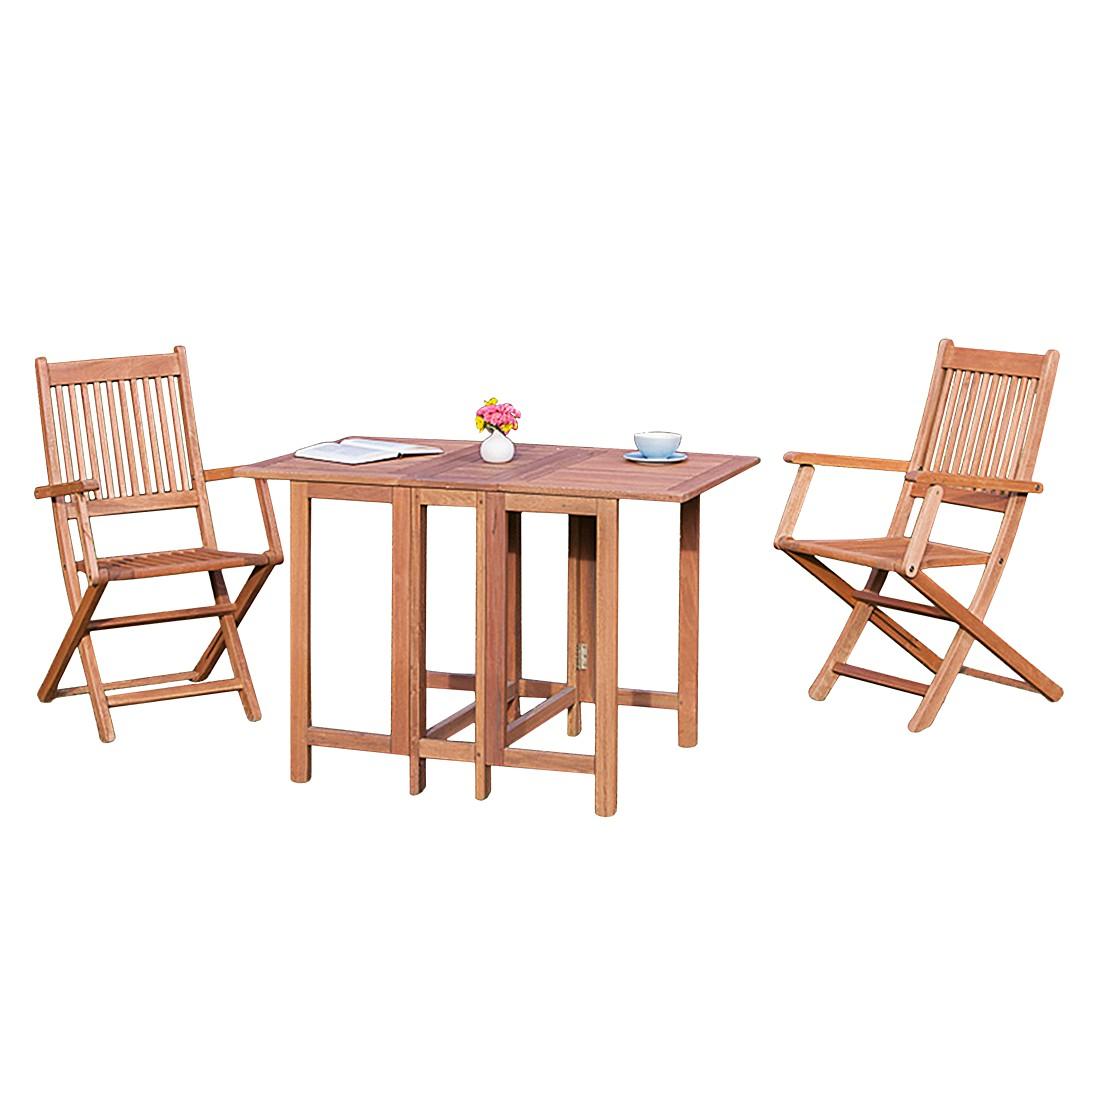 Bien choisir un salon de jardin en bois pas cher conseils et prix - Huile pour salon de jardin acacia ...